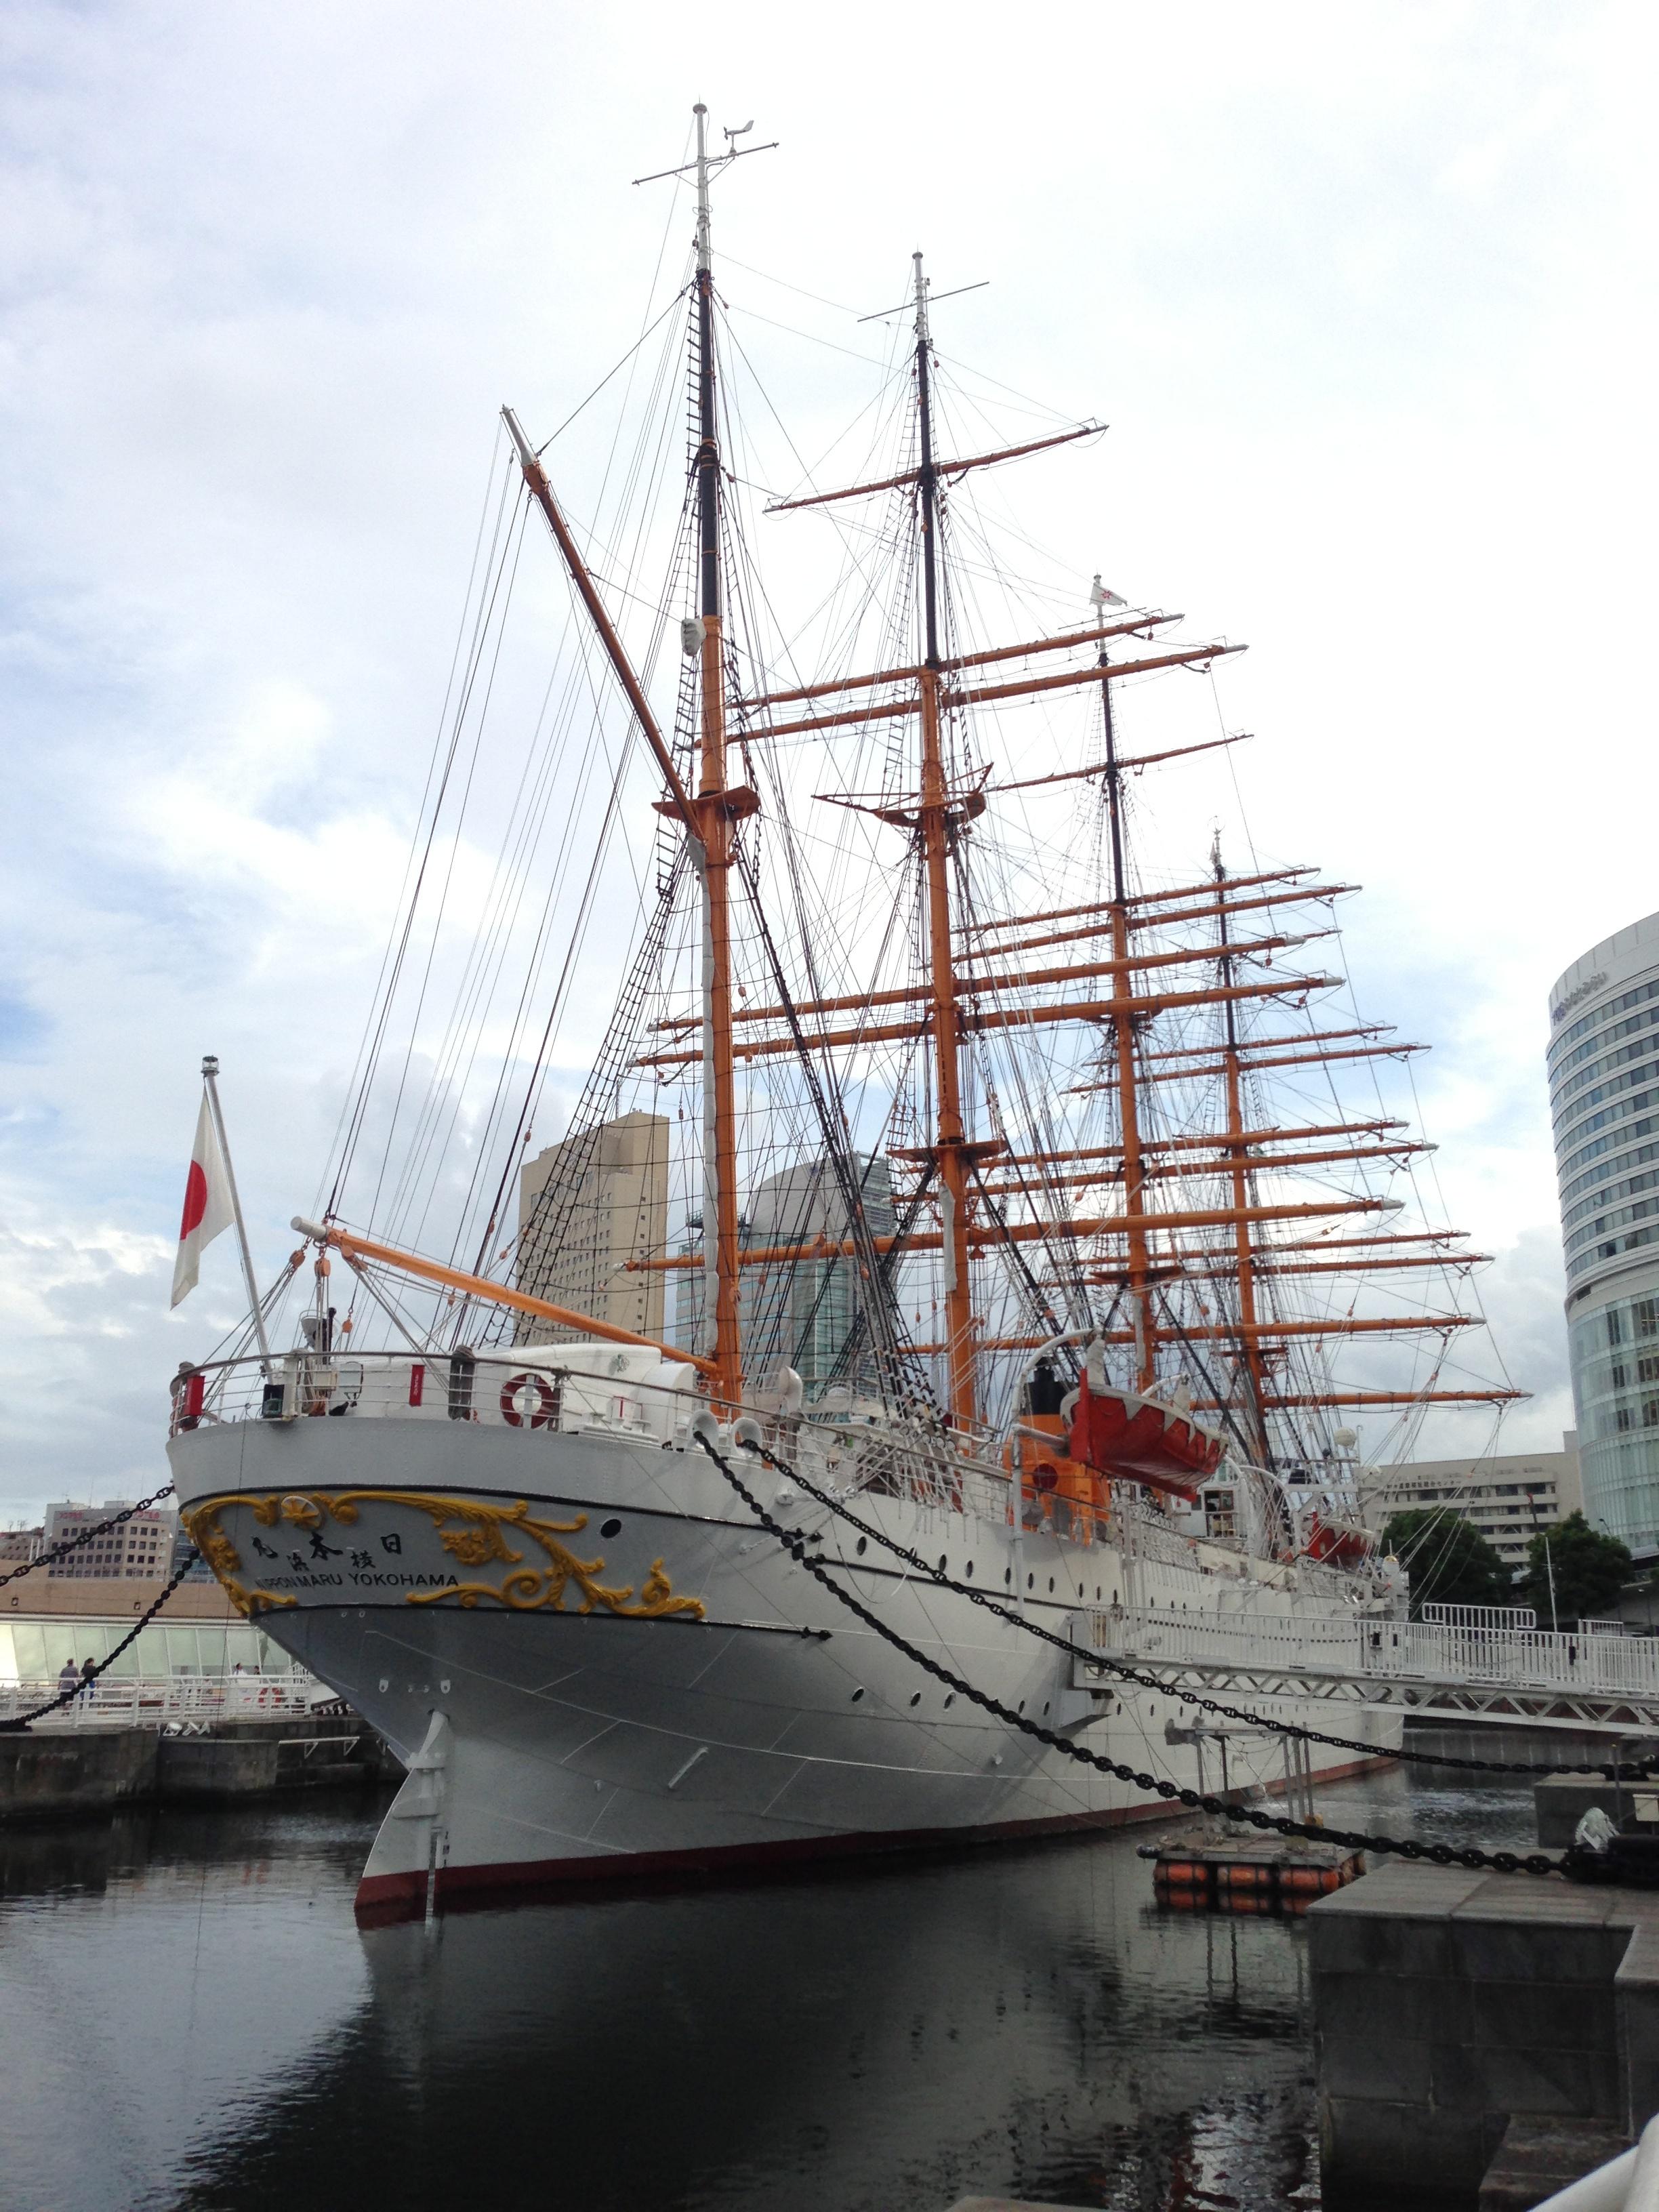 """横浜での撮影サンプル。特に黄色い部分の表現や、白い船体のディテールに着目<br class="""""""">*無劣化での回転処理を施しています"""